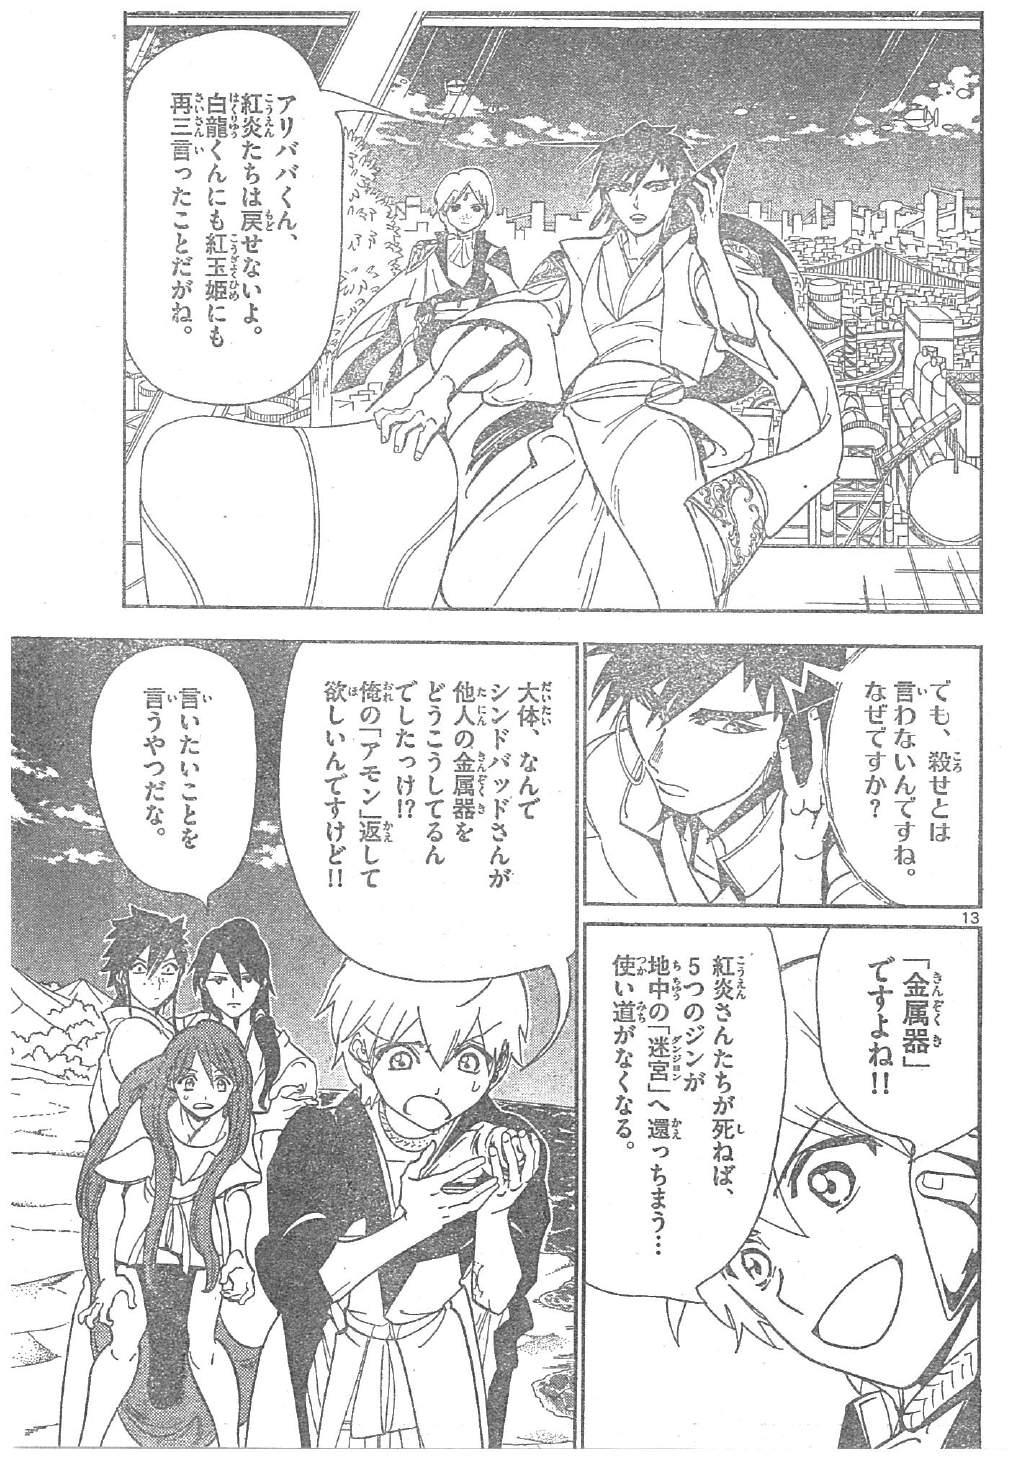 『マギ』294夜「残された財源」【ネタバレ・感想】_39451